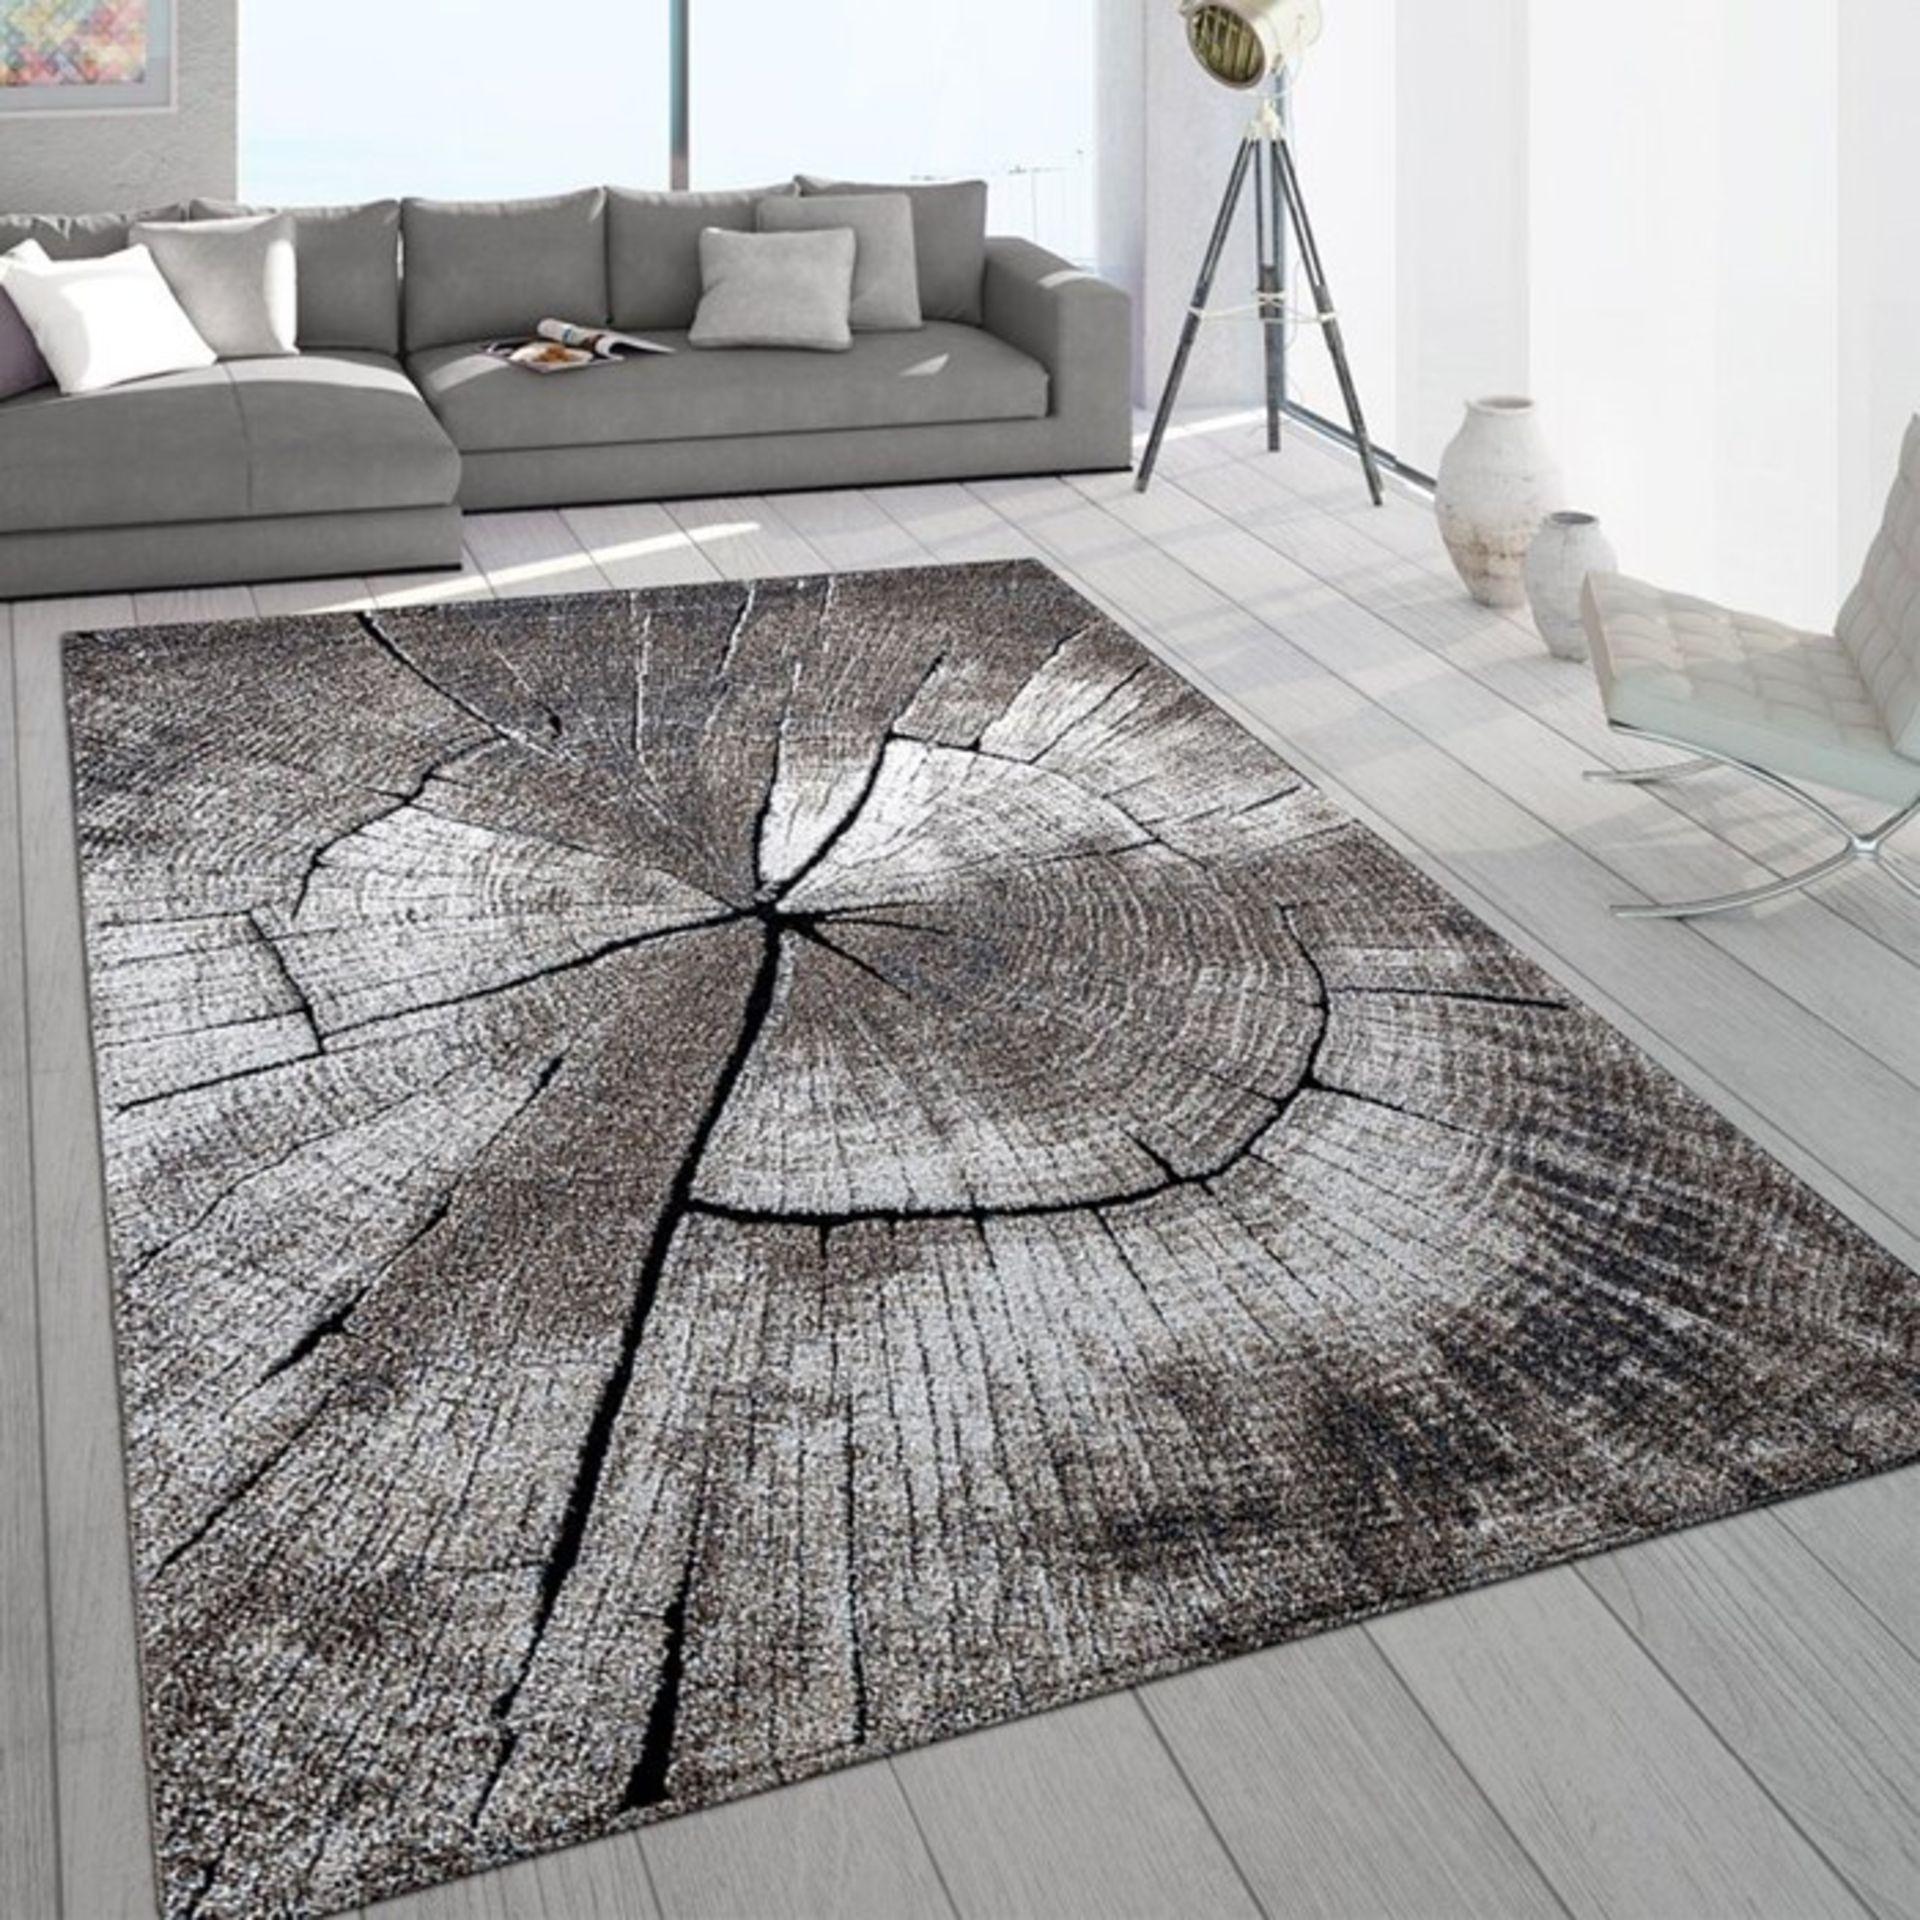 Smyrna Grey/Brown Rug Rug Size: Rectangle 200 x 290cm (HL7 - 3/2 -ALAS6408.32402806)